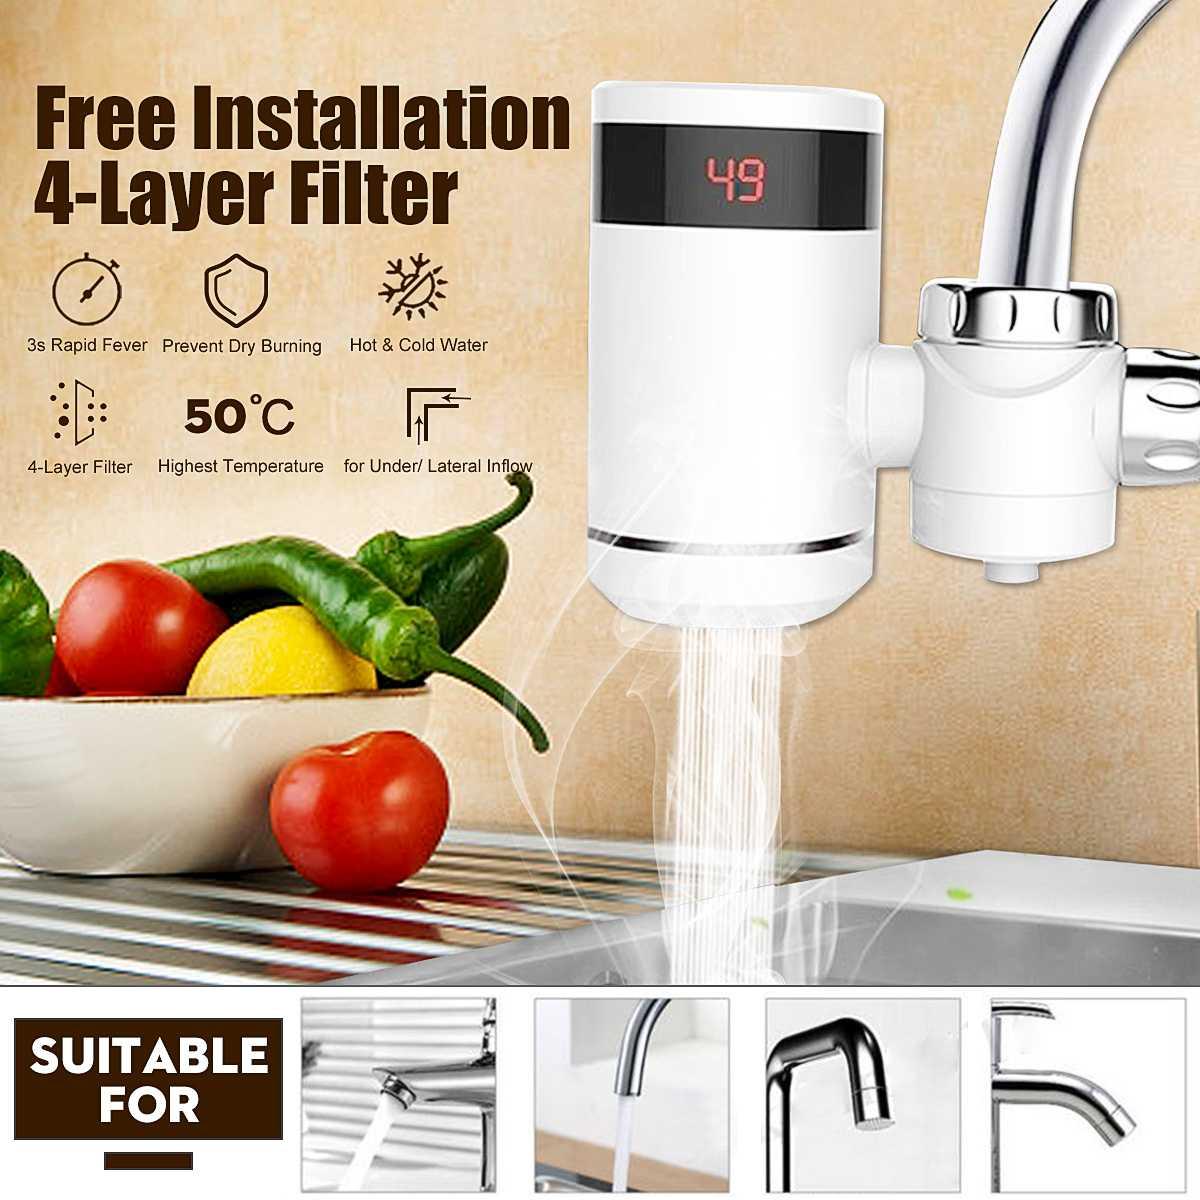 Nouveau robinet de chauffe-eau de cuisine électrique robinet d'eau chaude instantané LED affichage numérique Intelligent robinet d'eau froide maison salle de bain